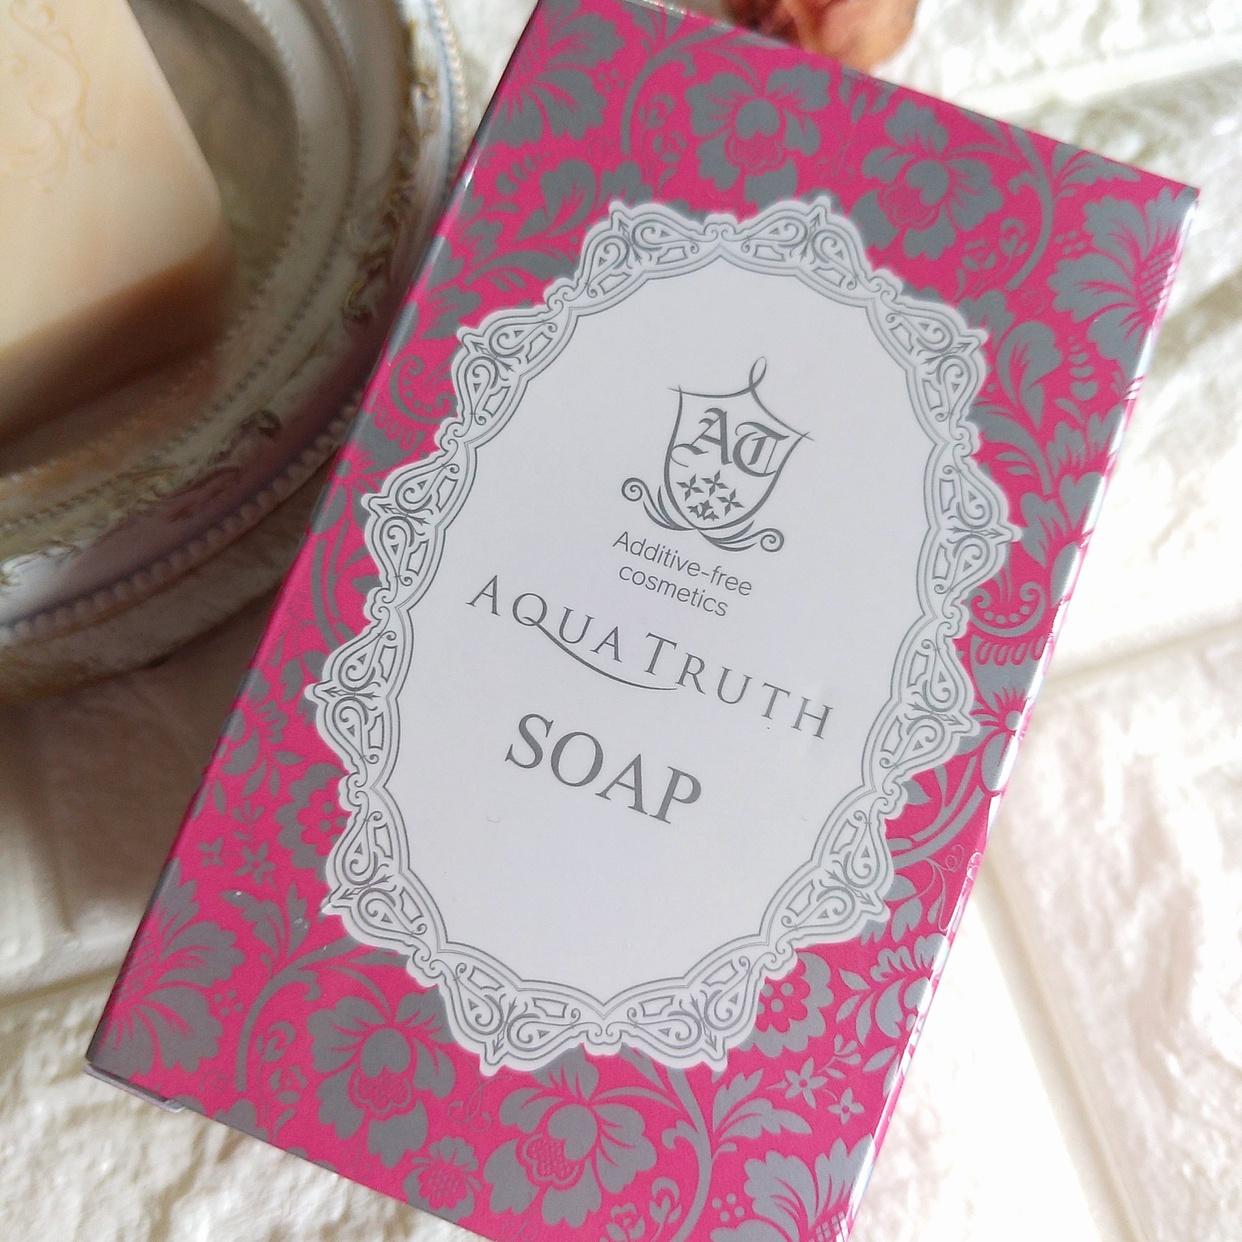 麗凍化粧品(Reitou Cosme) 薔薇はちみつ石鹸を使ったまるもふさんのクチコミ画像2